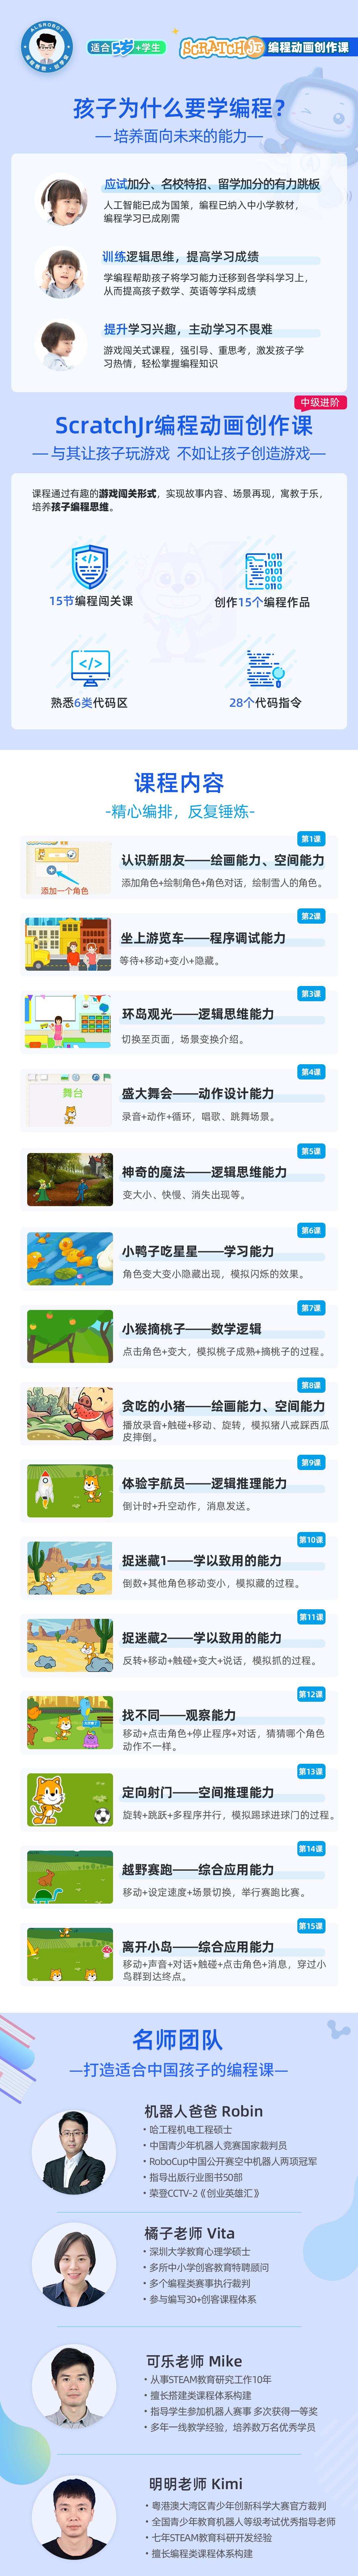 ScratchJR-动画创作_01.jpg